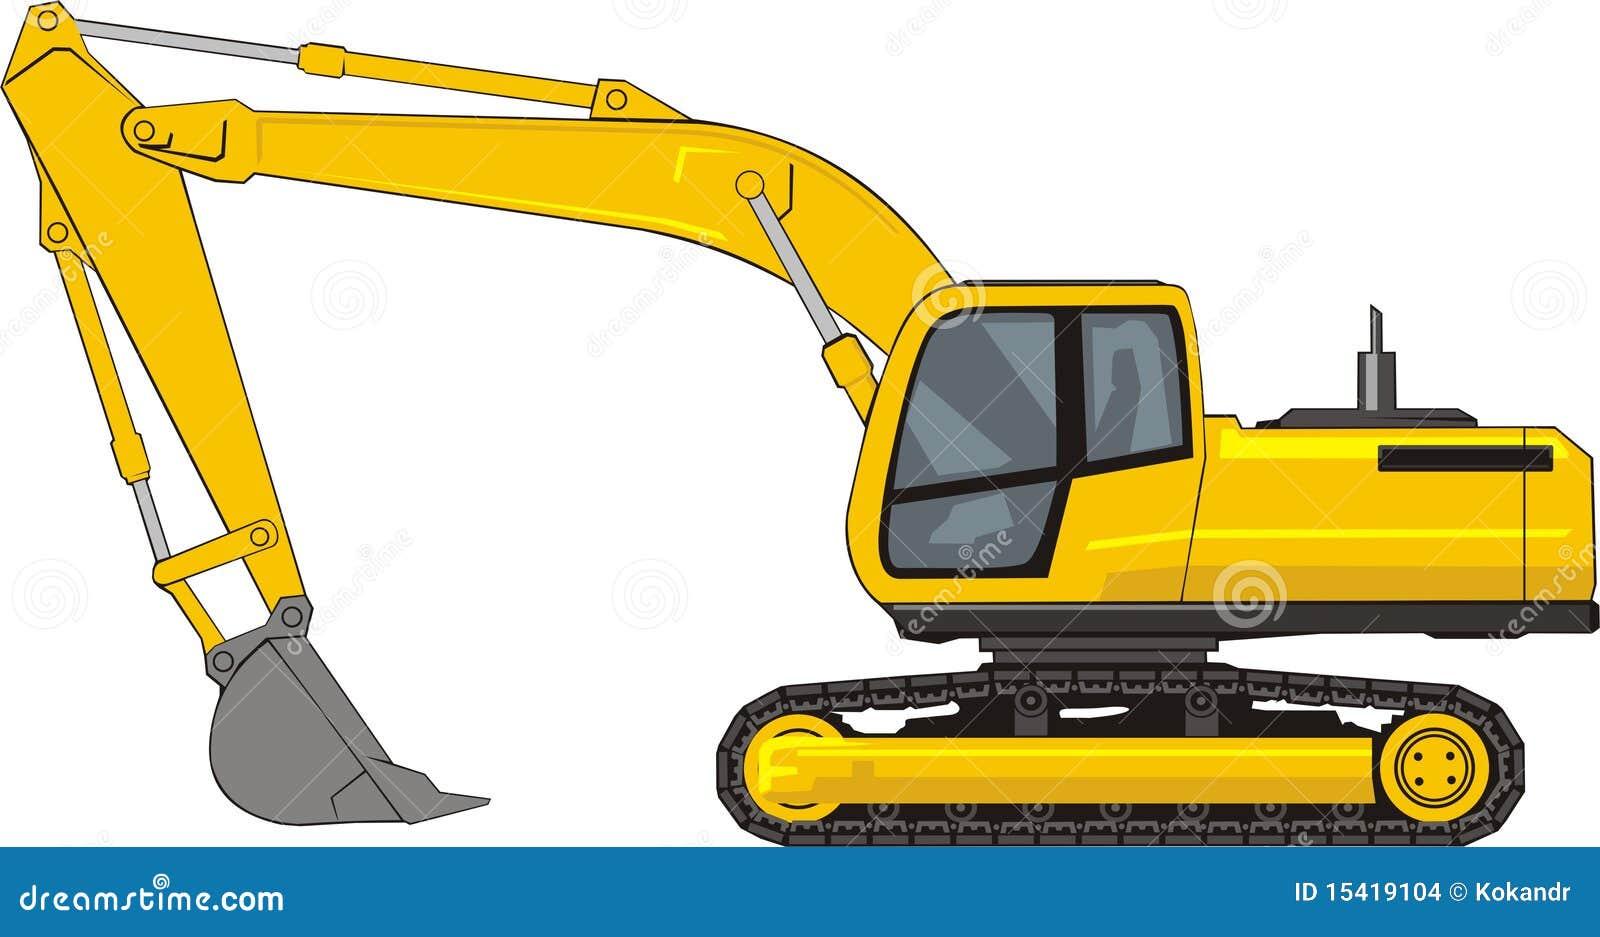 Excavator stock vector. Image of industrial, scoop, digger ...